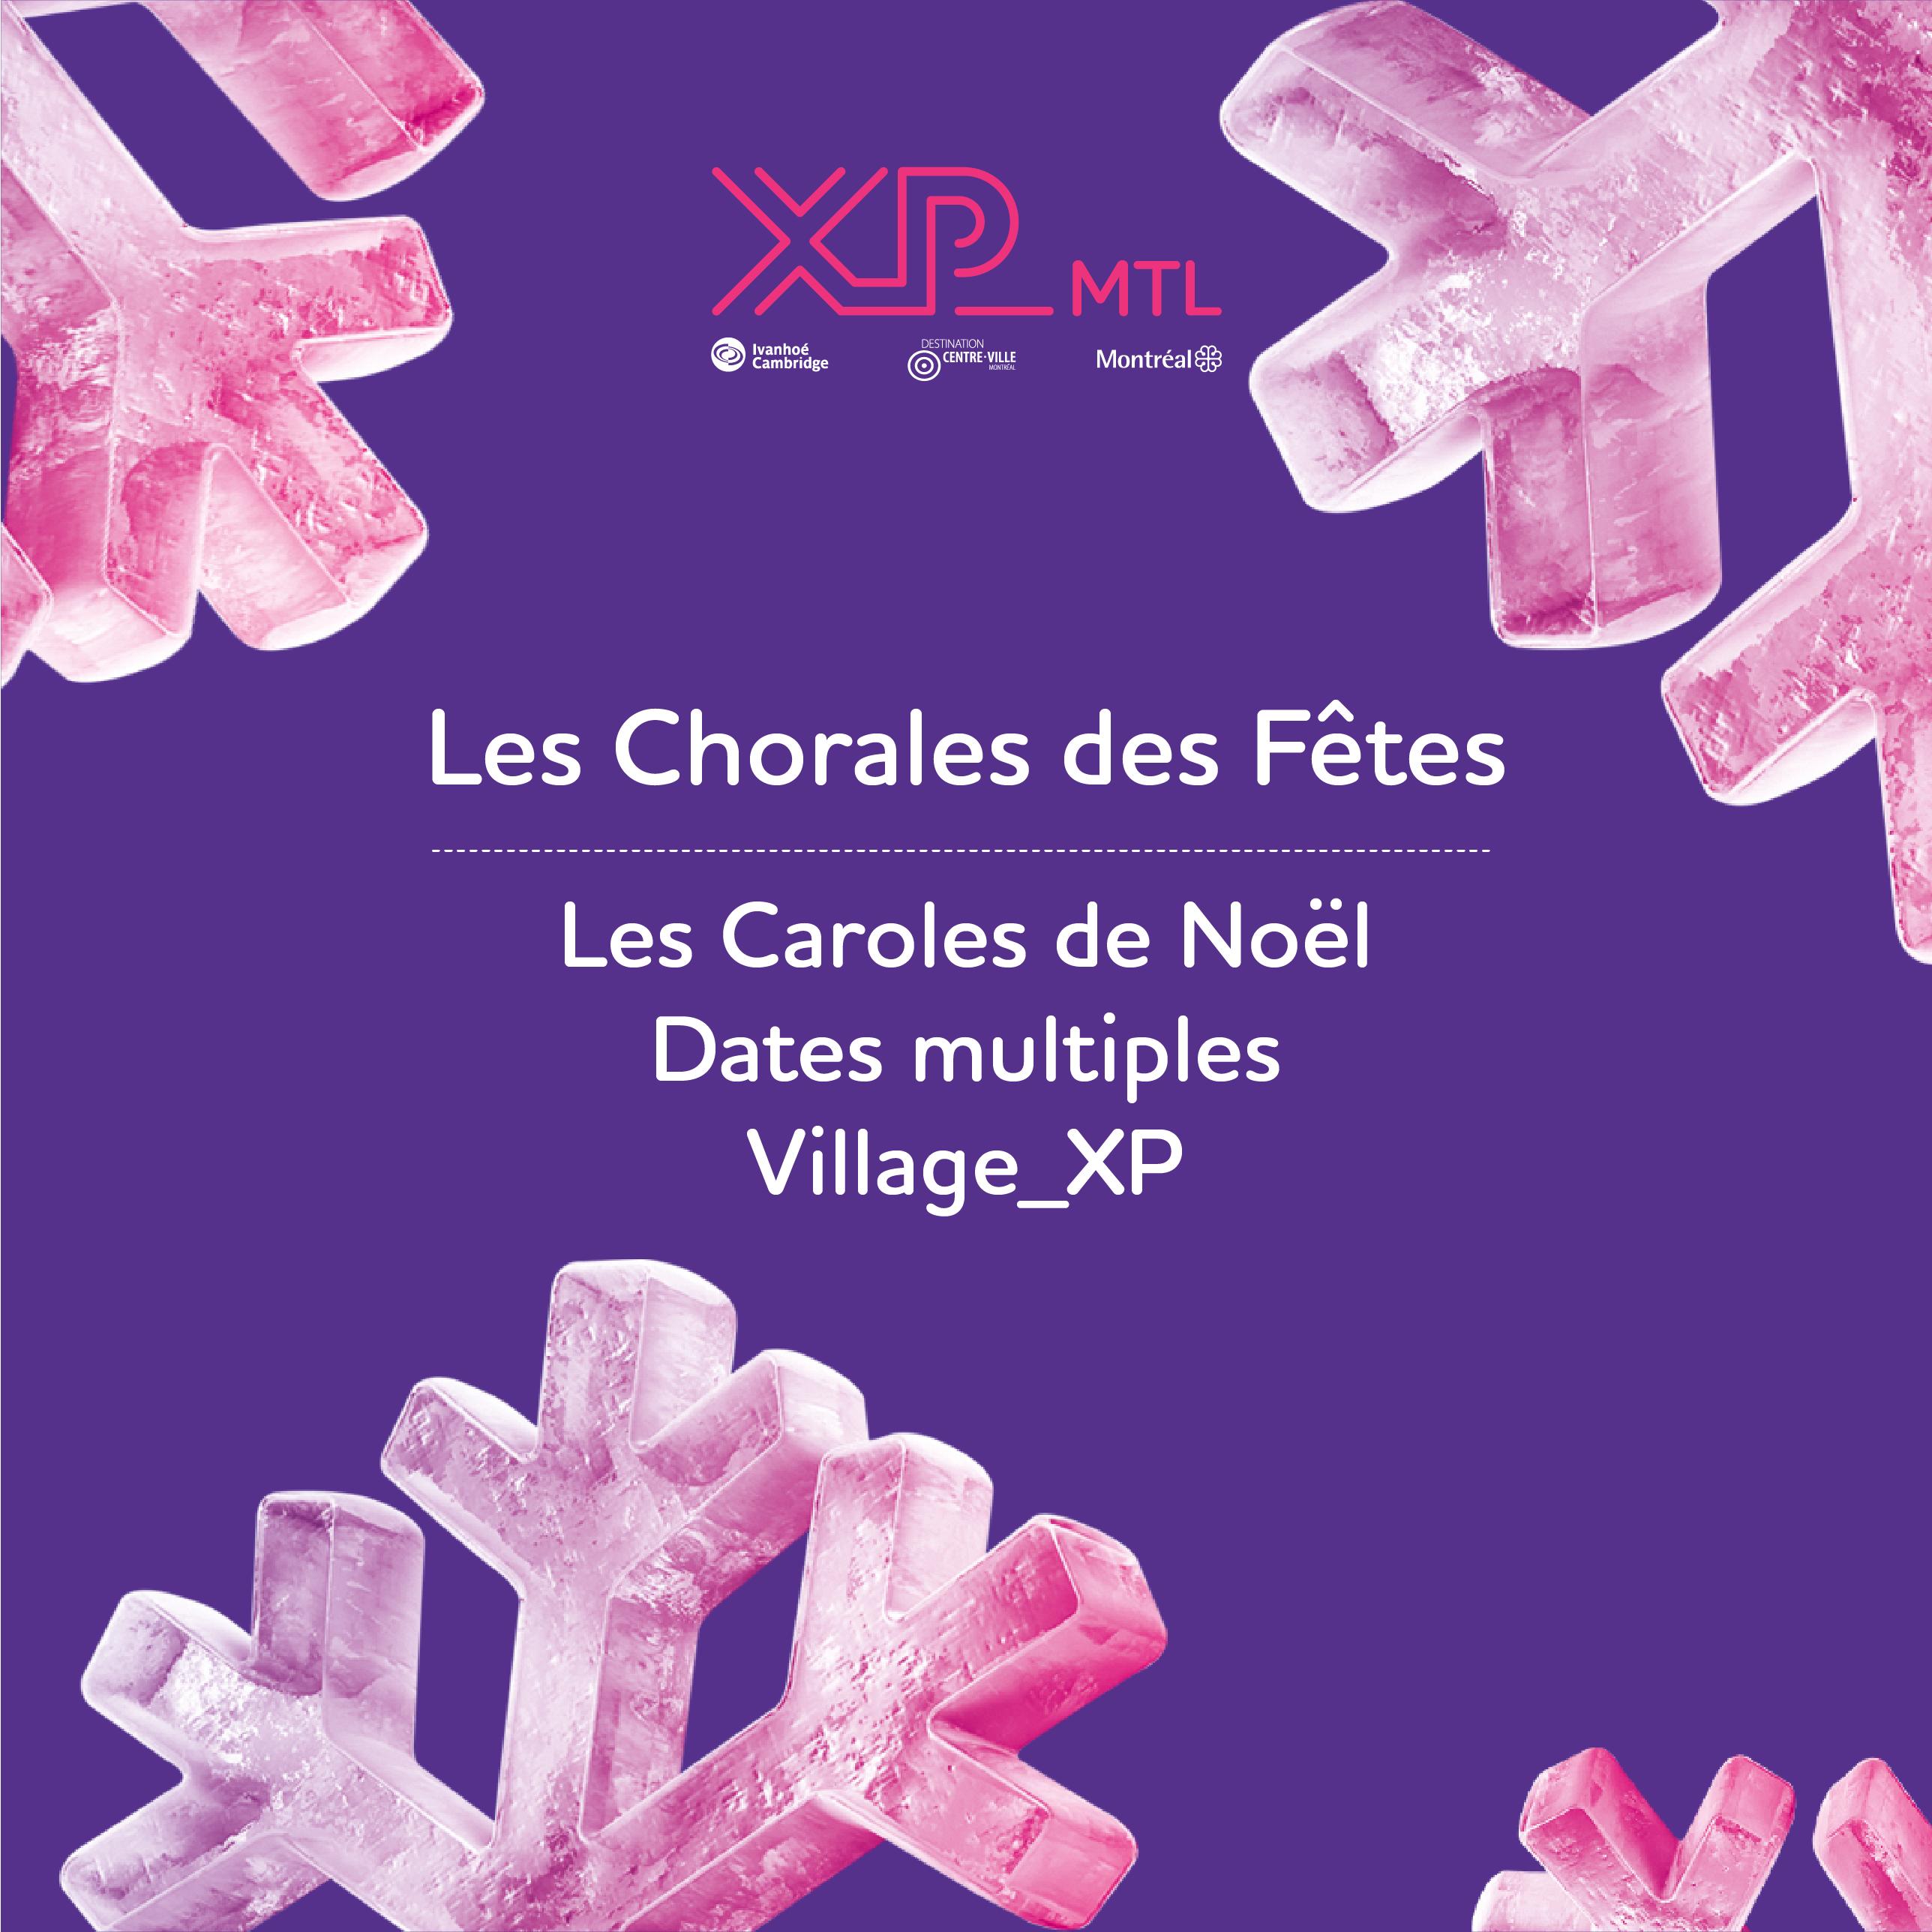 XP_MTL présente les Chorales des Fêtes – Les Caroles de Noël